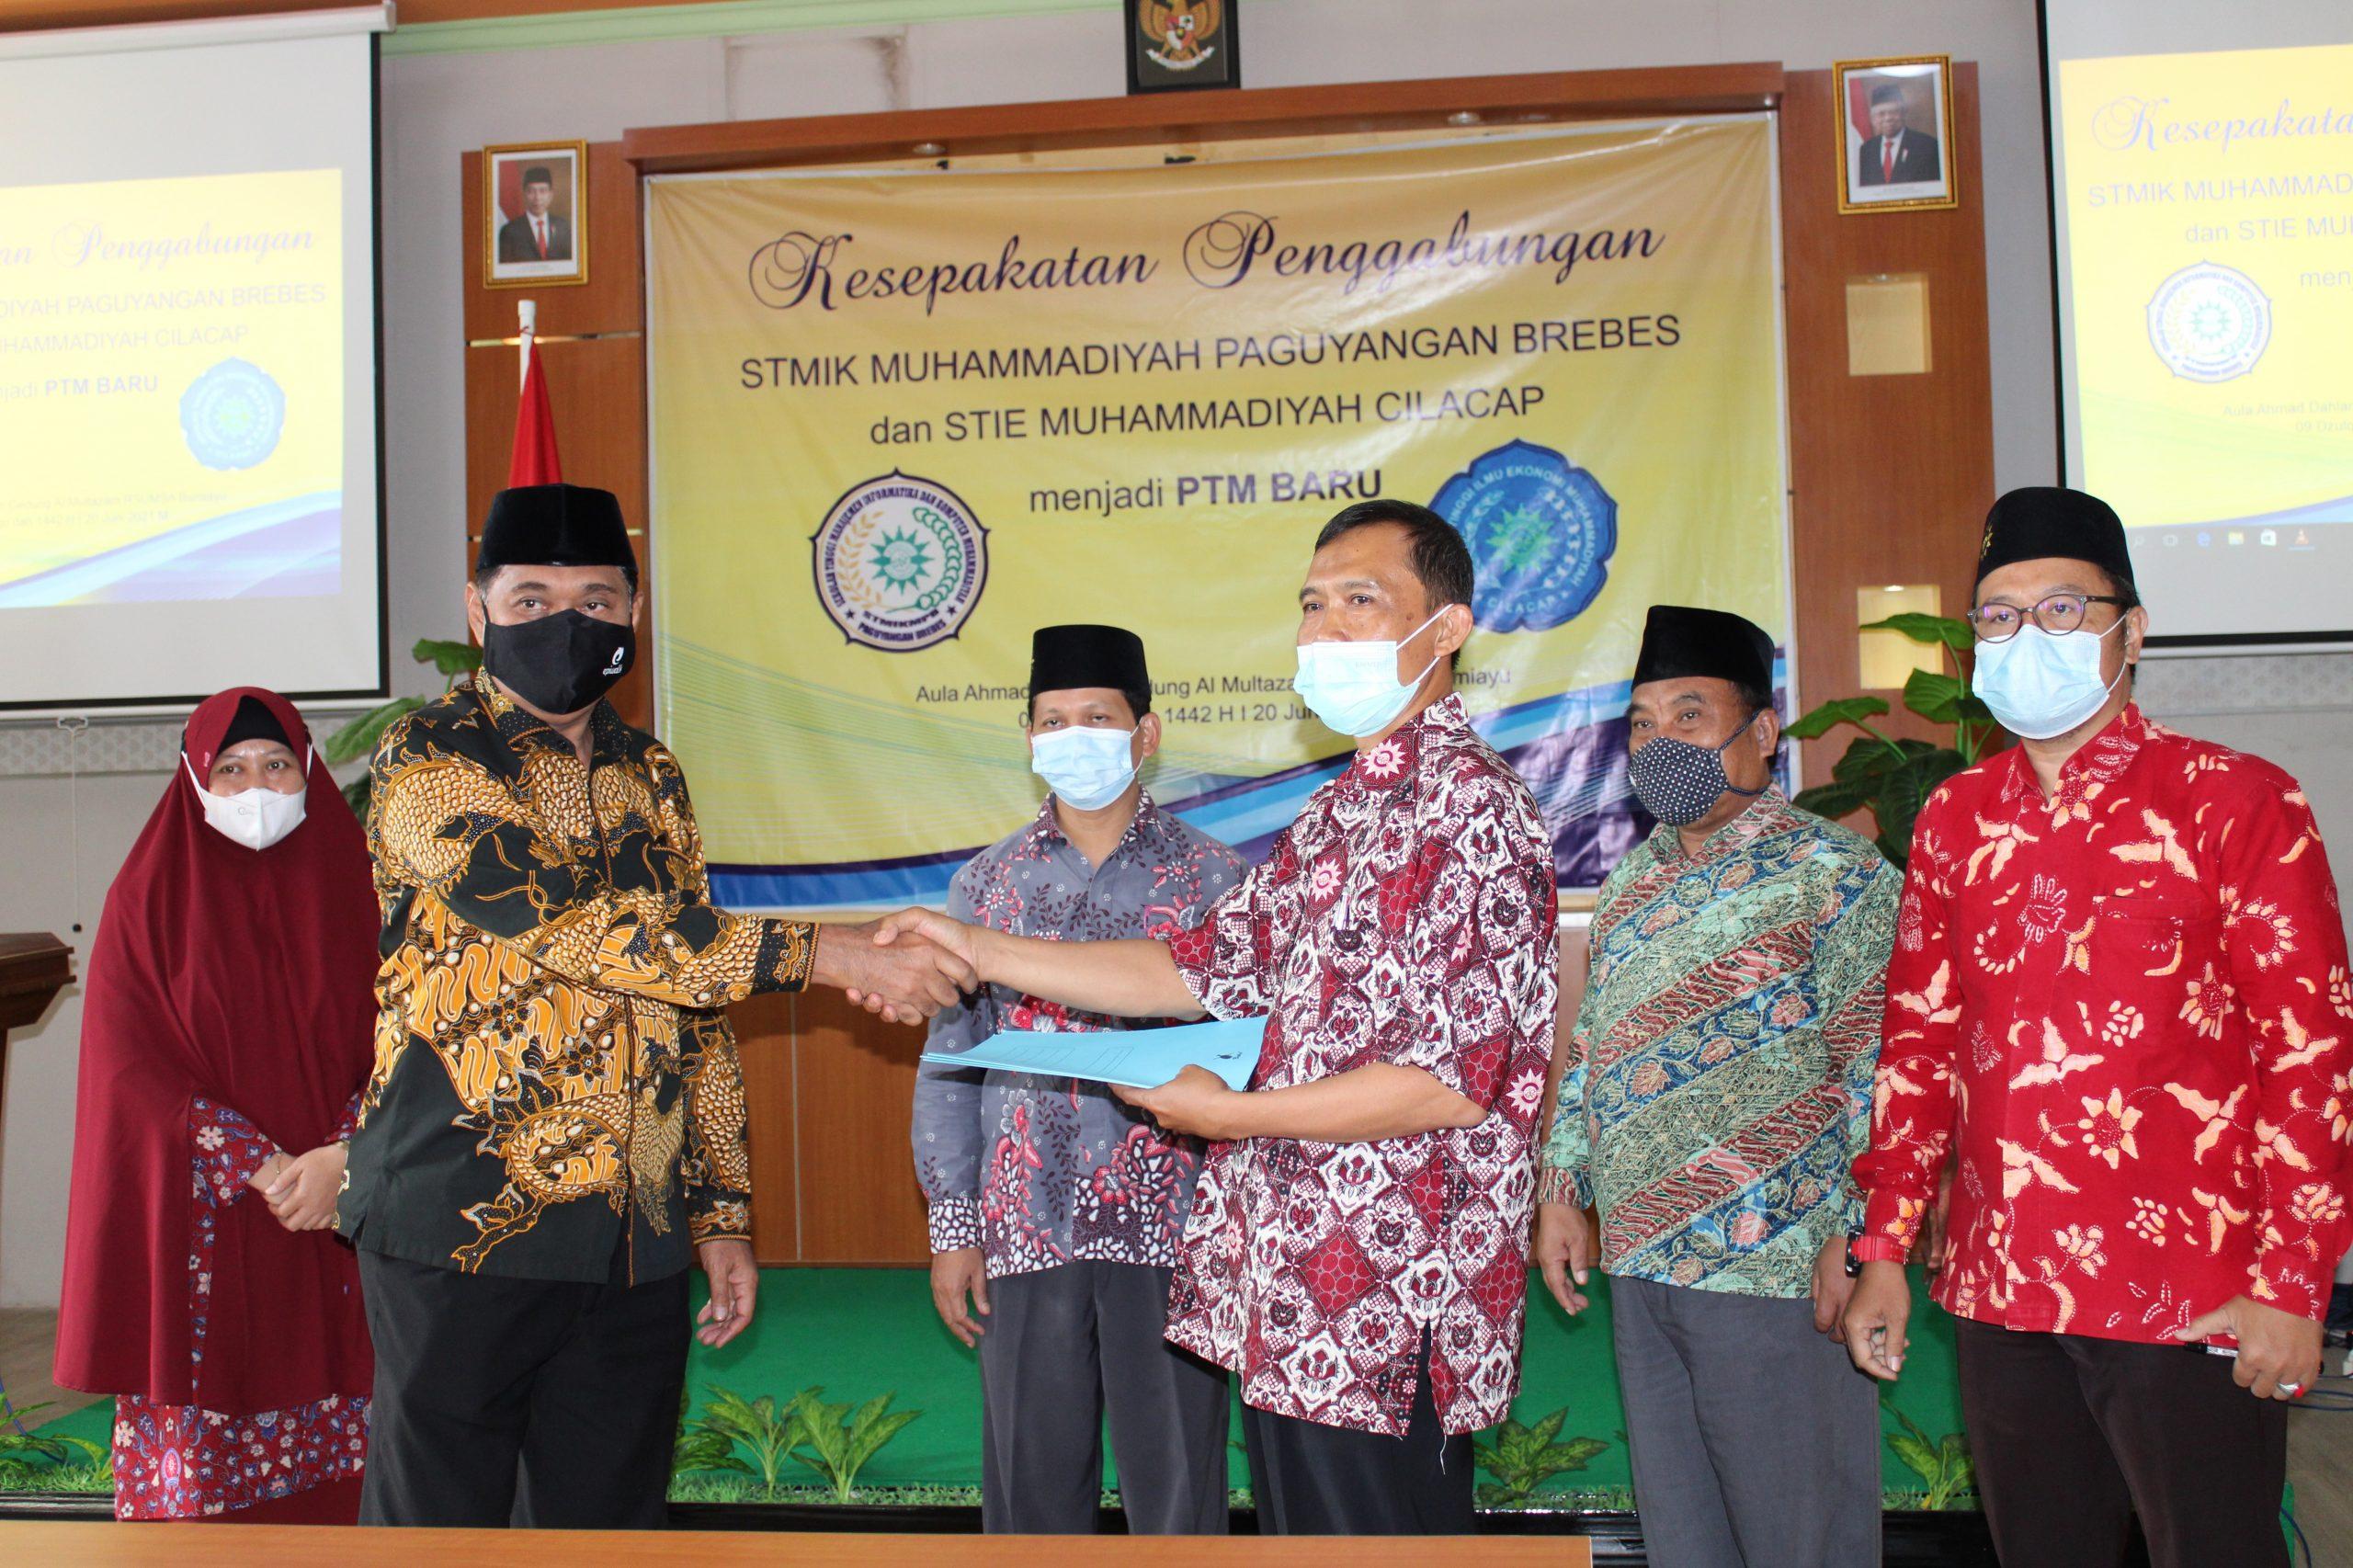 Kesepakatan Penggabungan STMIK Muhammadiyah Paguyangan Brebes dan STIE Muhammadiyah Cilacap menjadi PTM BARU Bertempat di Aula RSU Muhammadiyah Siti Aminah Bumiayu